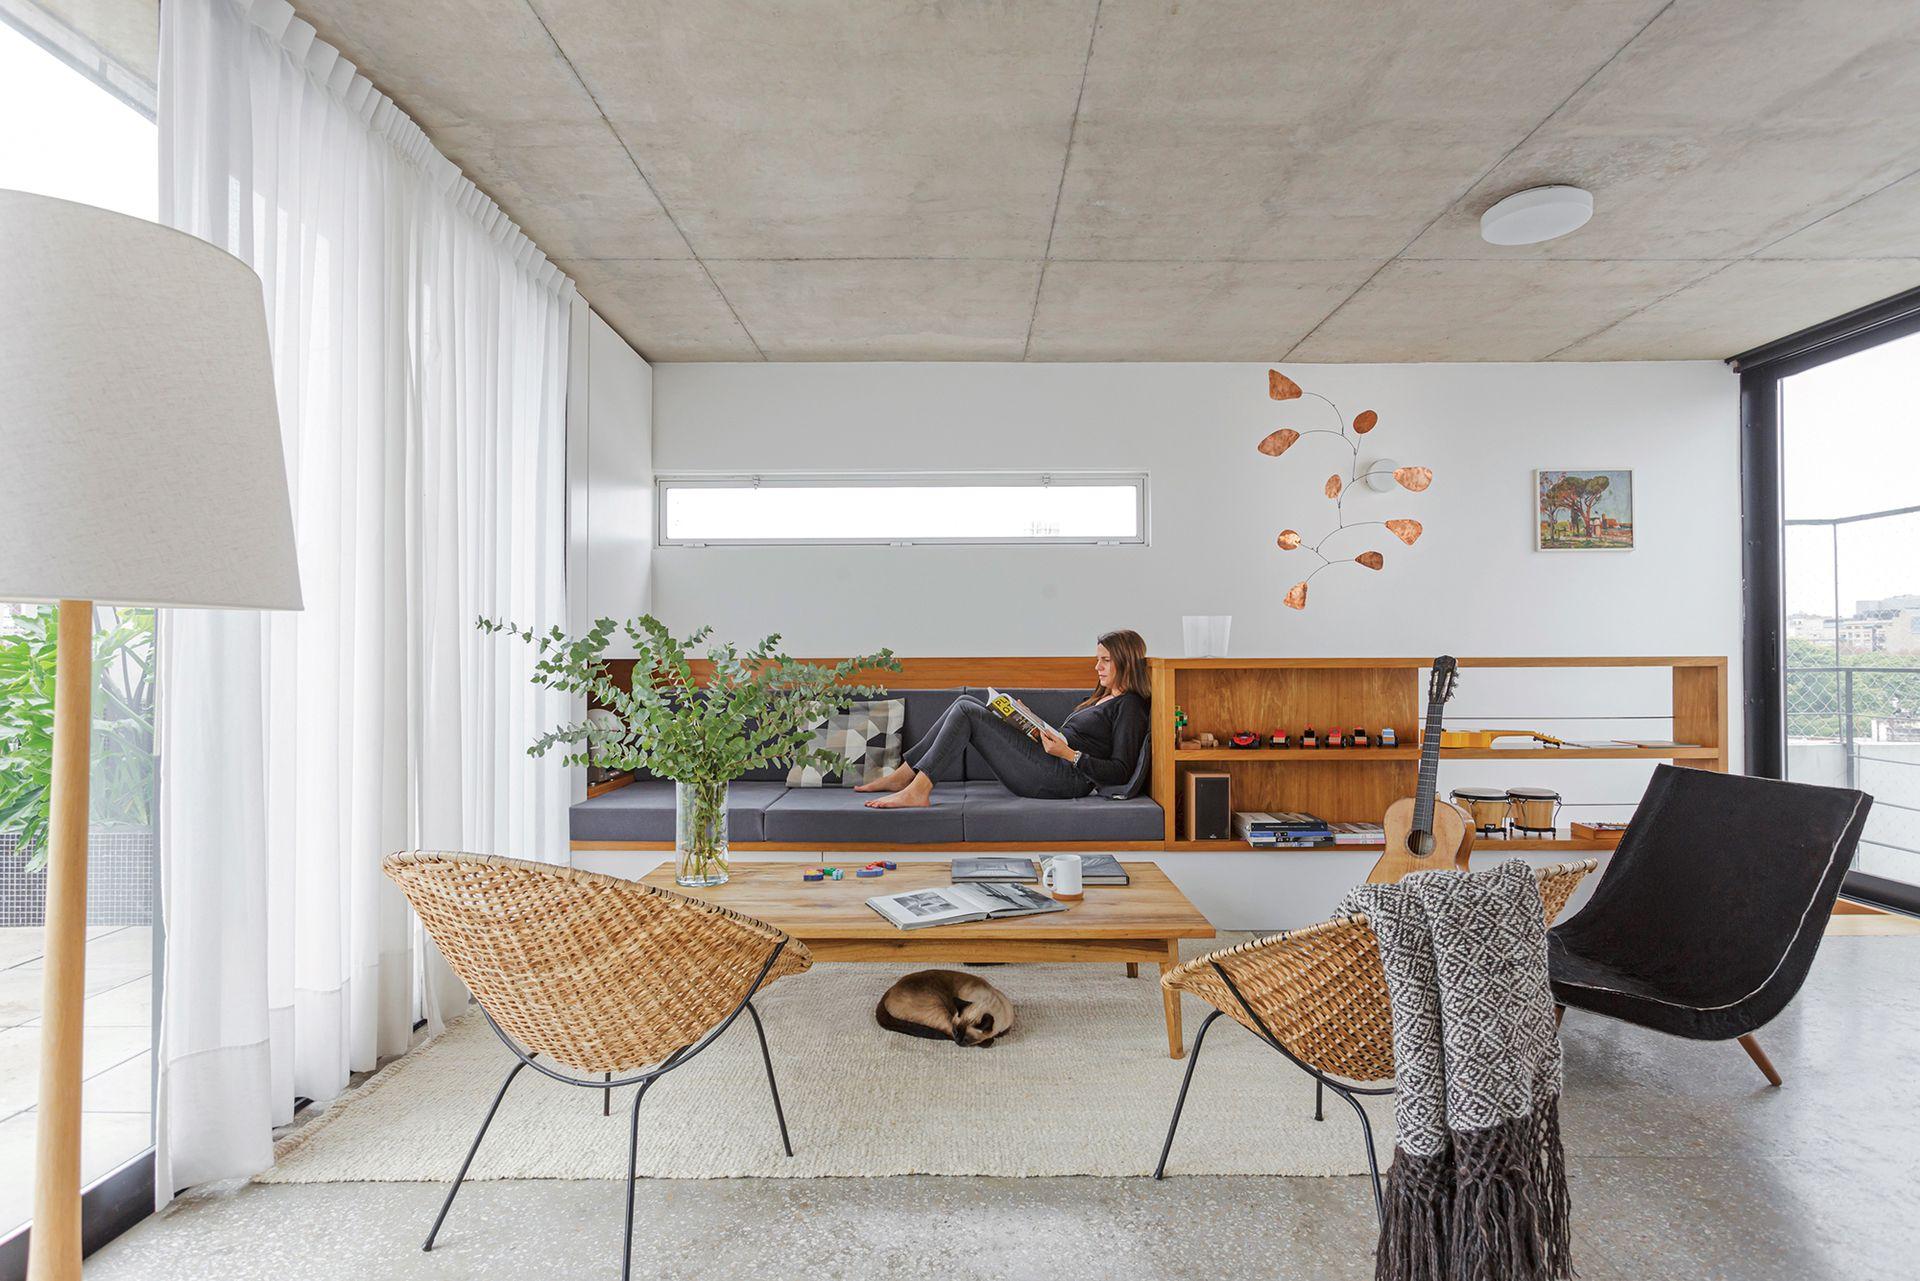 Lámpara de pie (Objetos Luminosos), mesa baja y sillón individual (Net Muebles). Móvil de bronce (Objetos Móviles). Sillones de mimbre y hierro (Mercado de Pulgas) y manta tejida en telar (Elementos Argentinos).